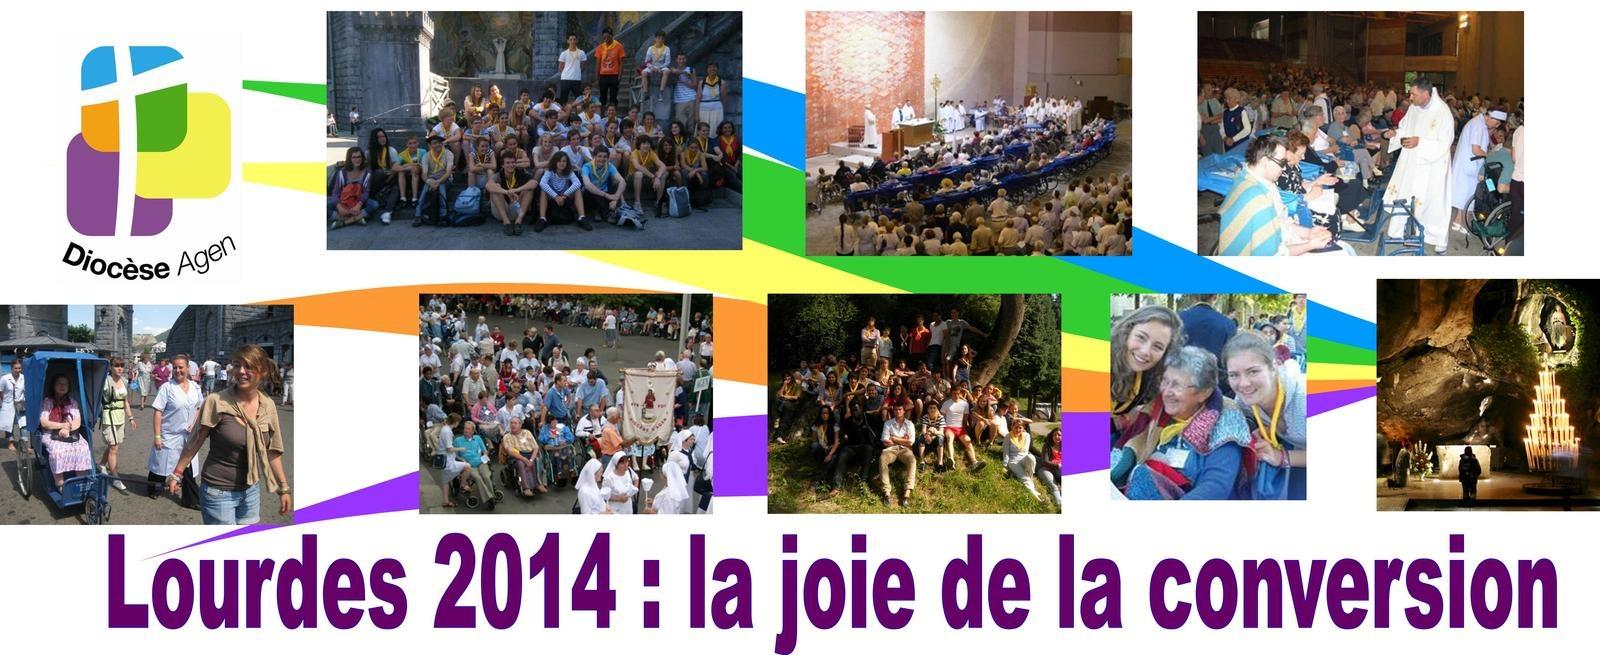 ob_56d2b5_pele-lourdes-2014-diocese-agen